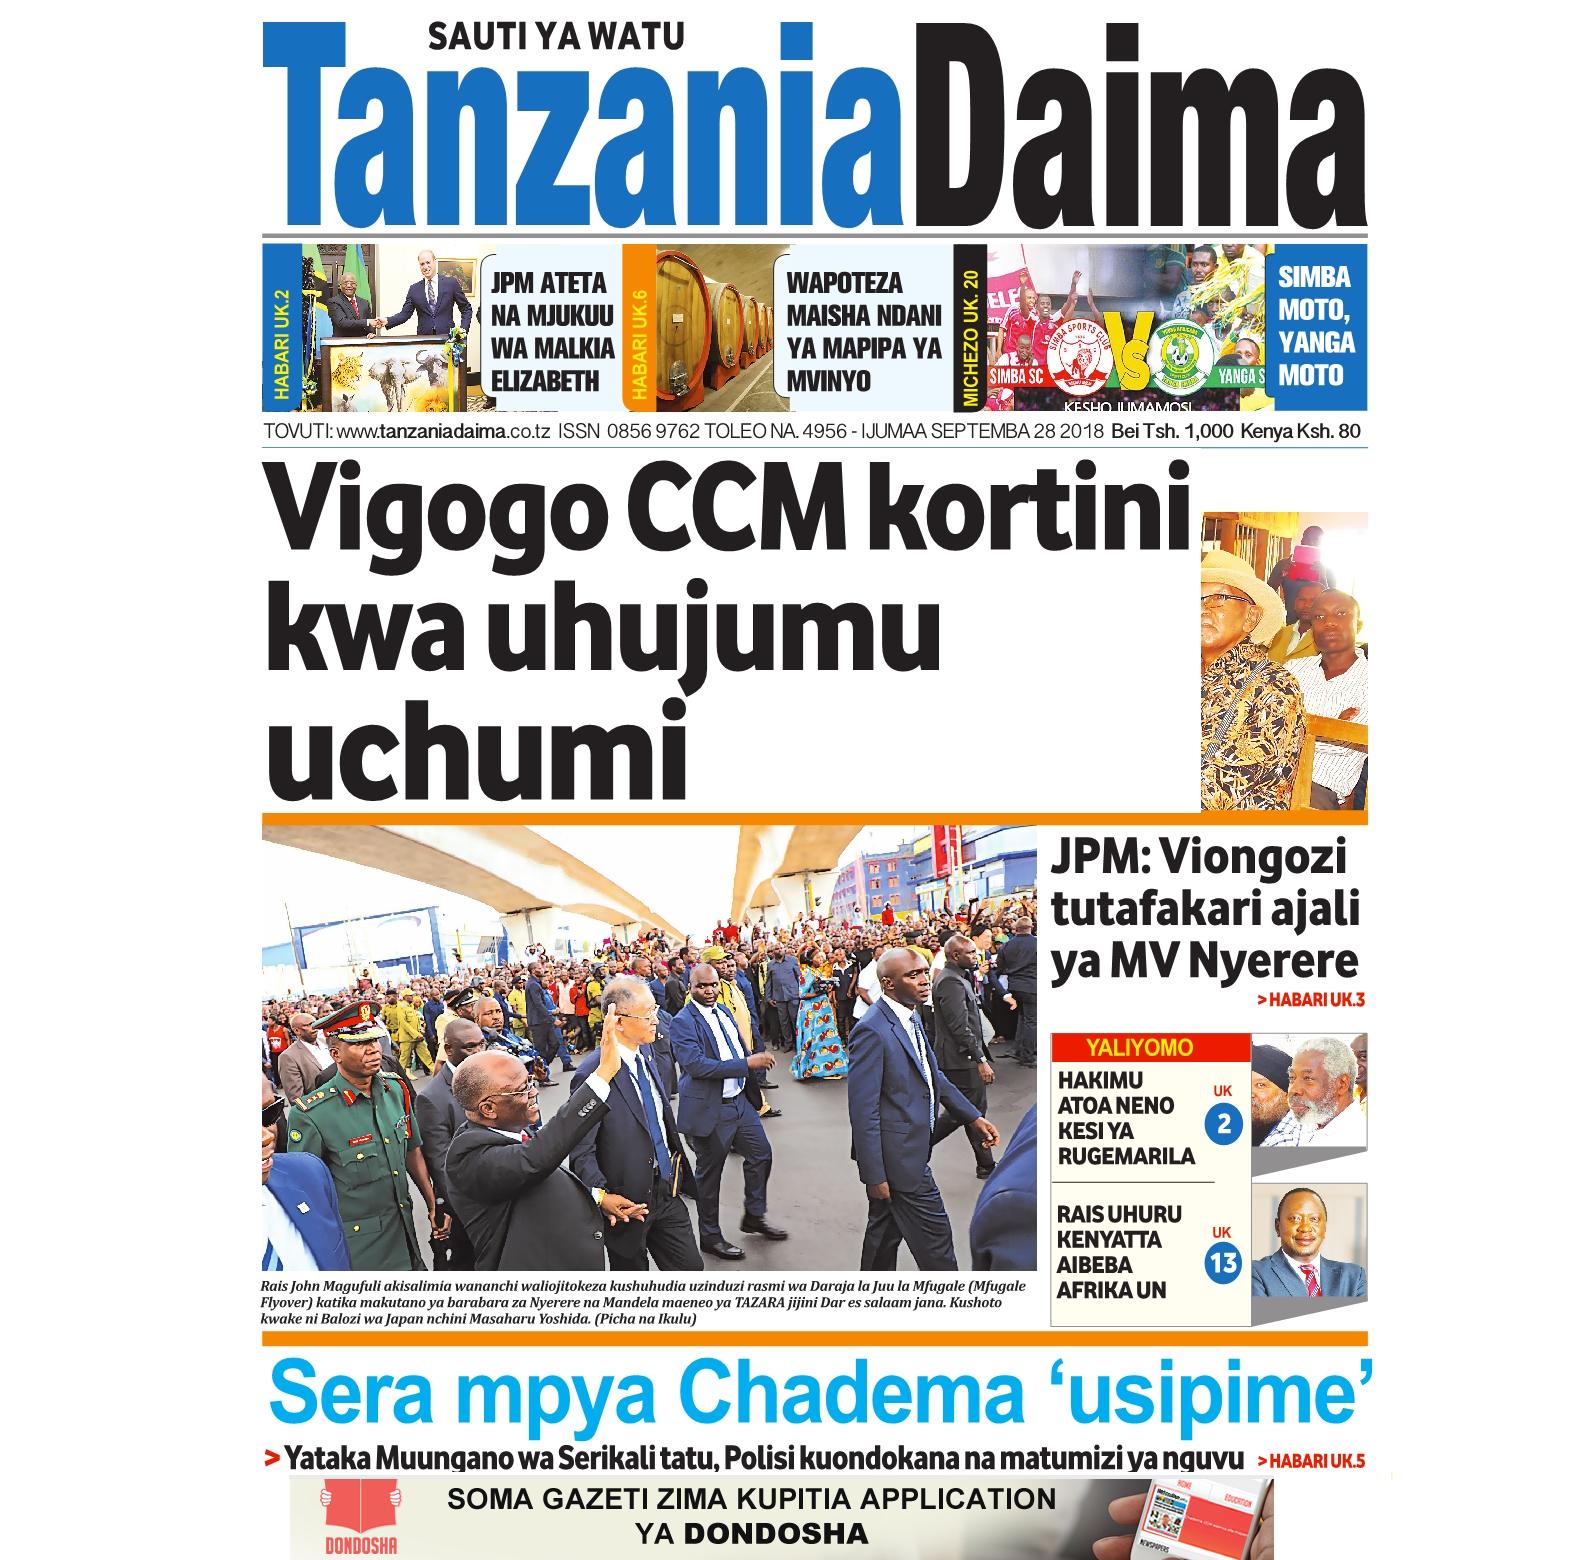 tanzania-daima-dondosha-magazeti.jpg